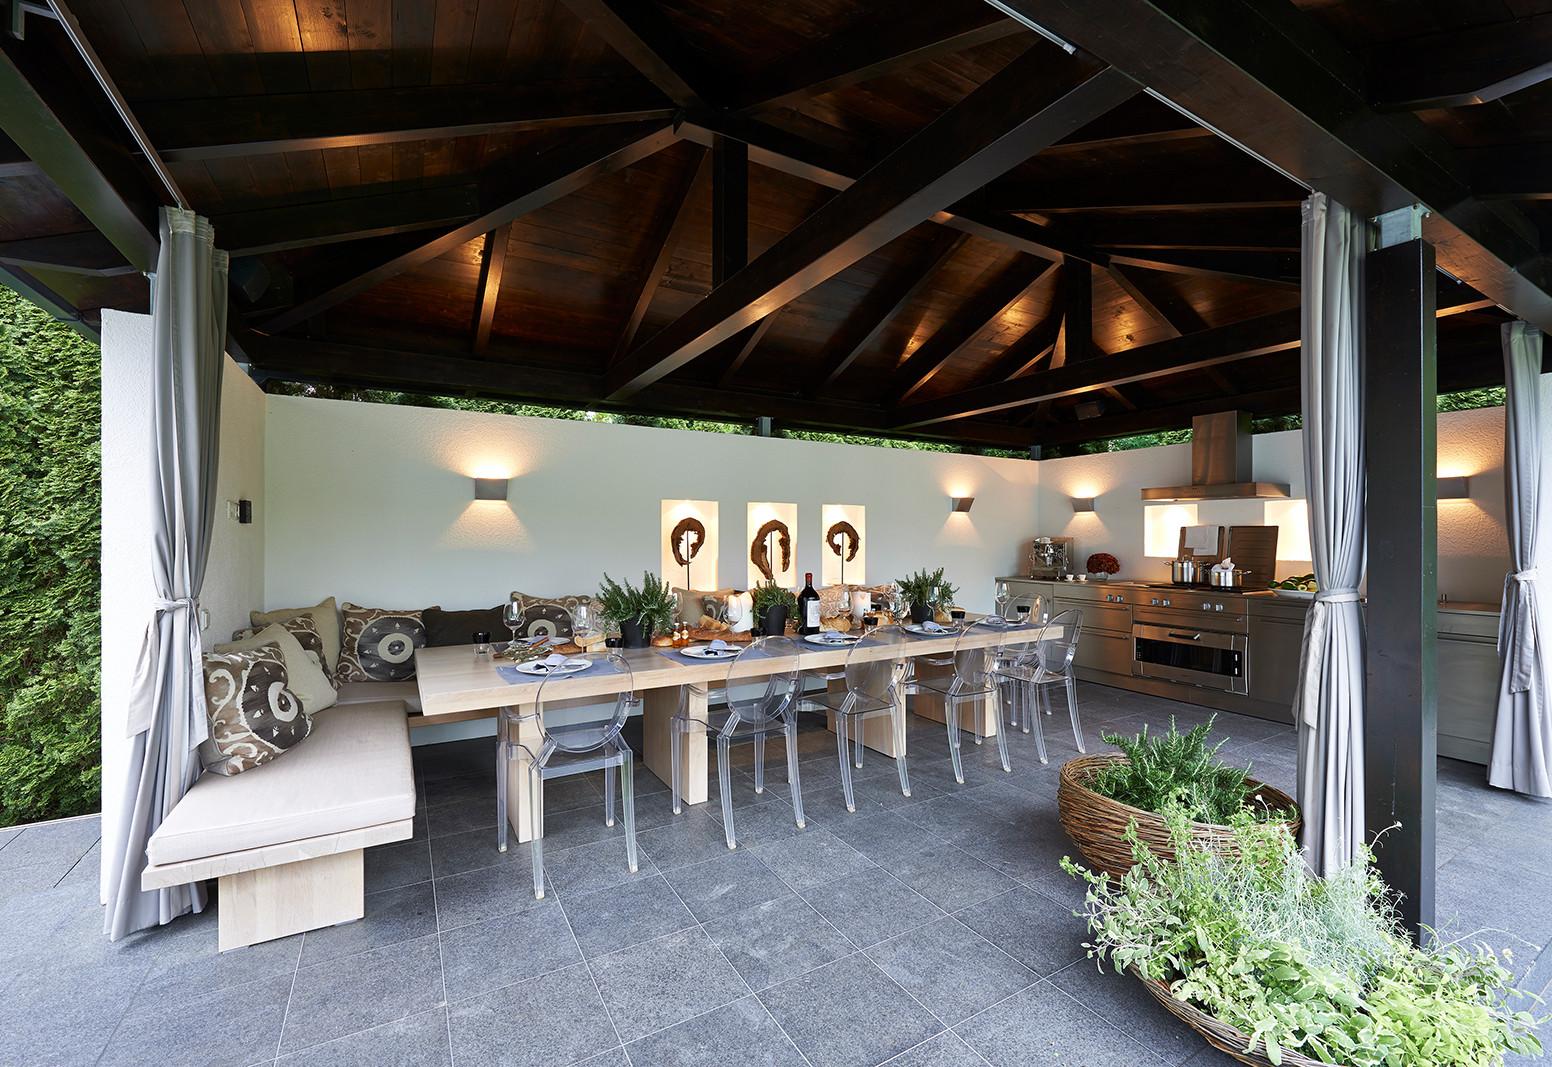 Stefanie Raum Outdoor Pavillon Tisch Raum Contemporary Interior